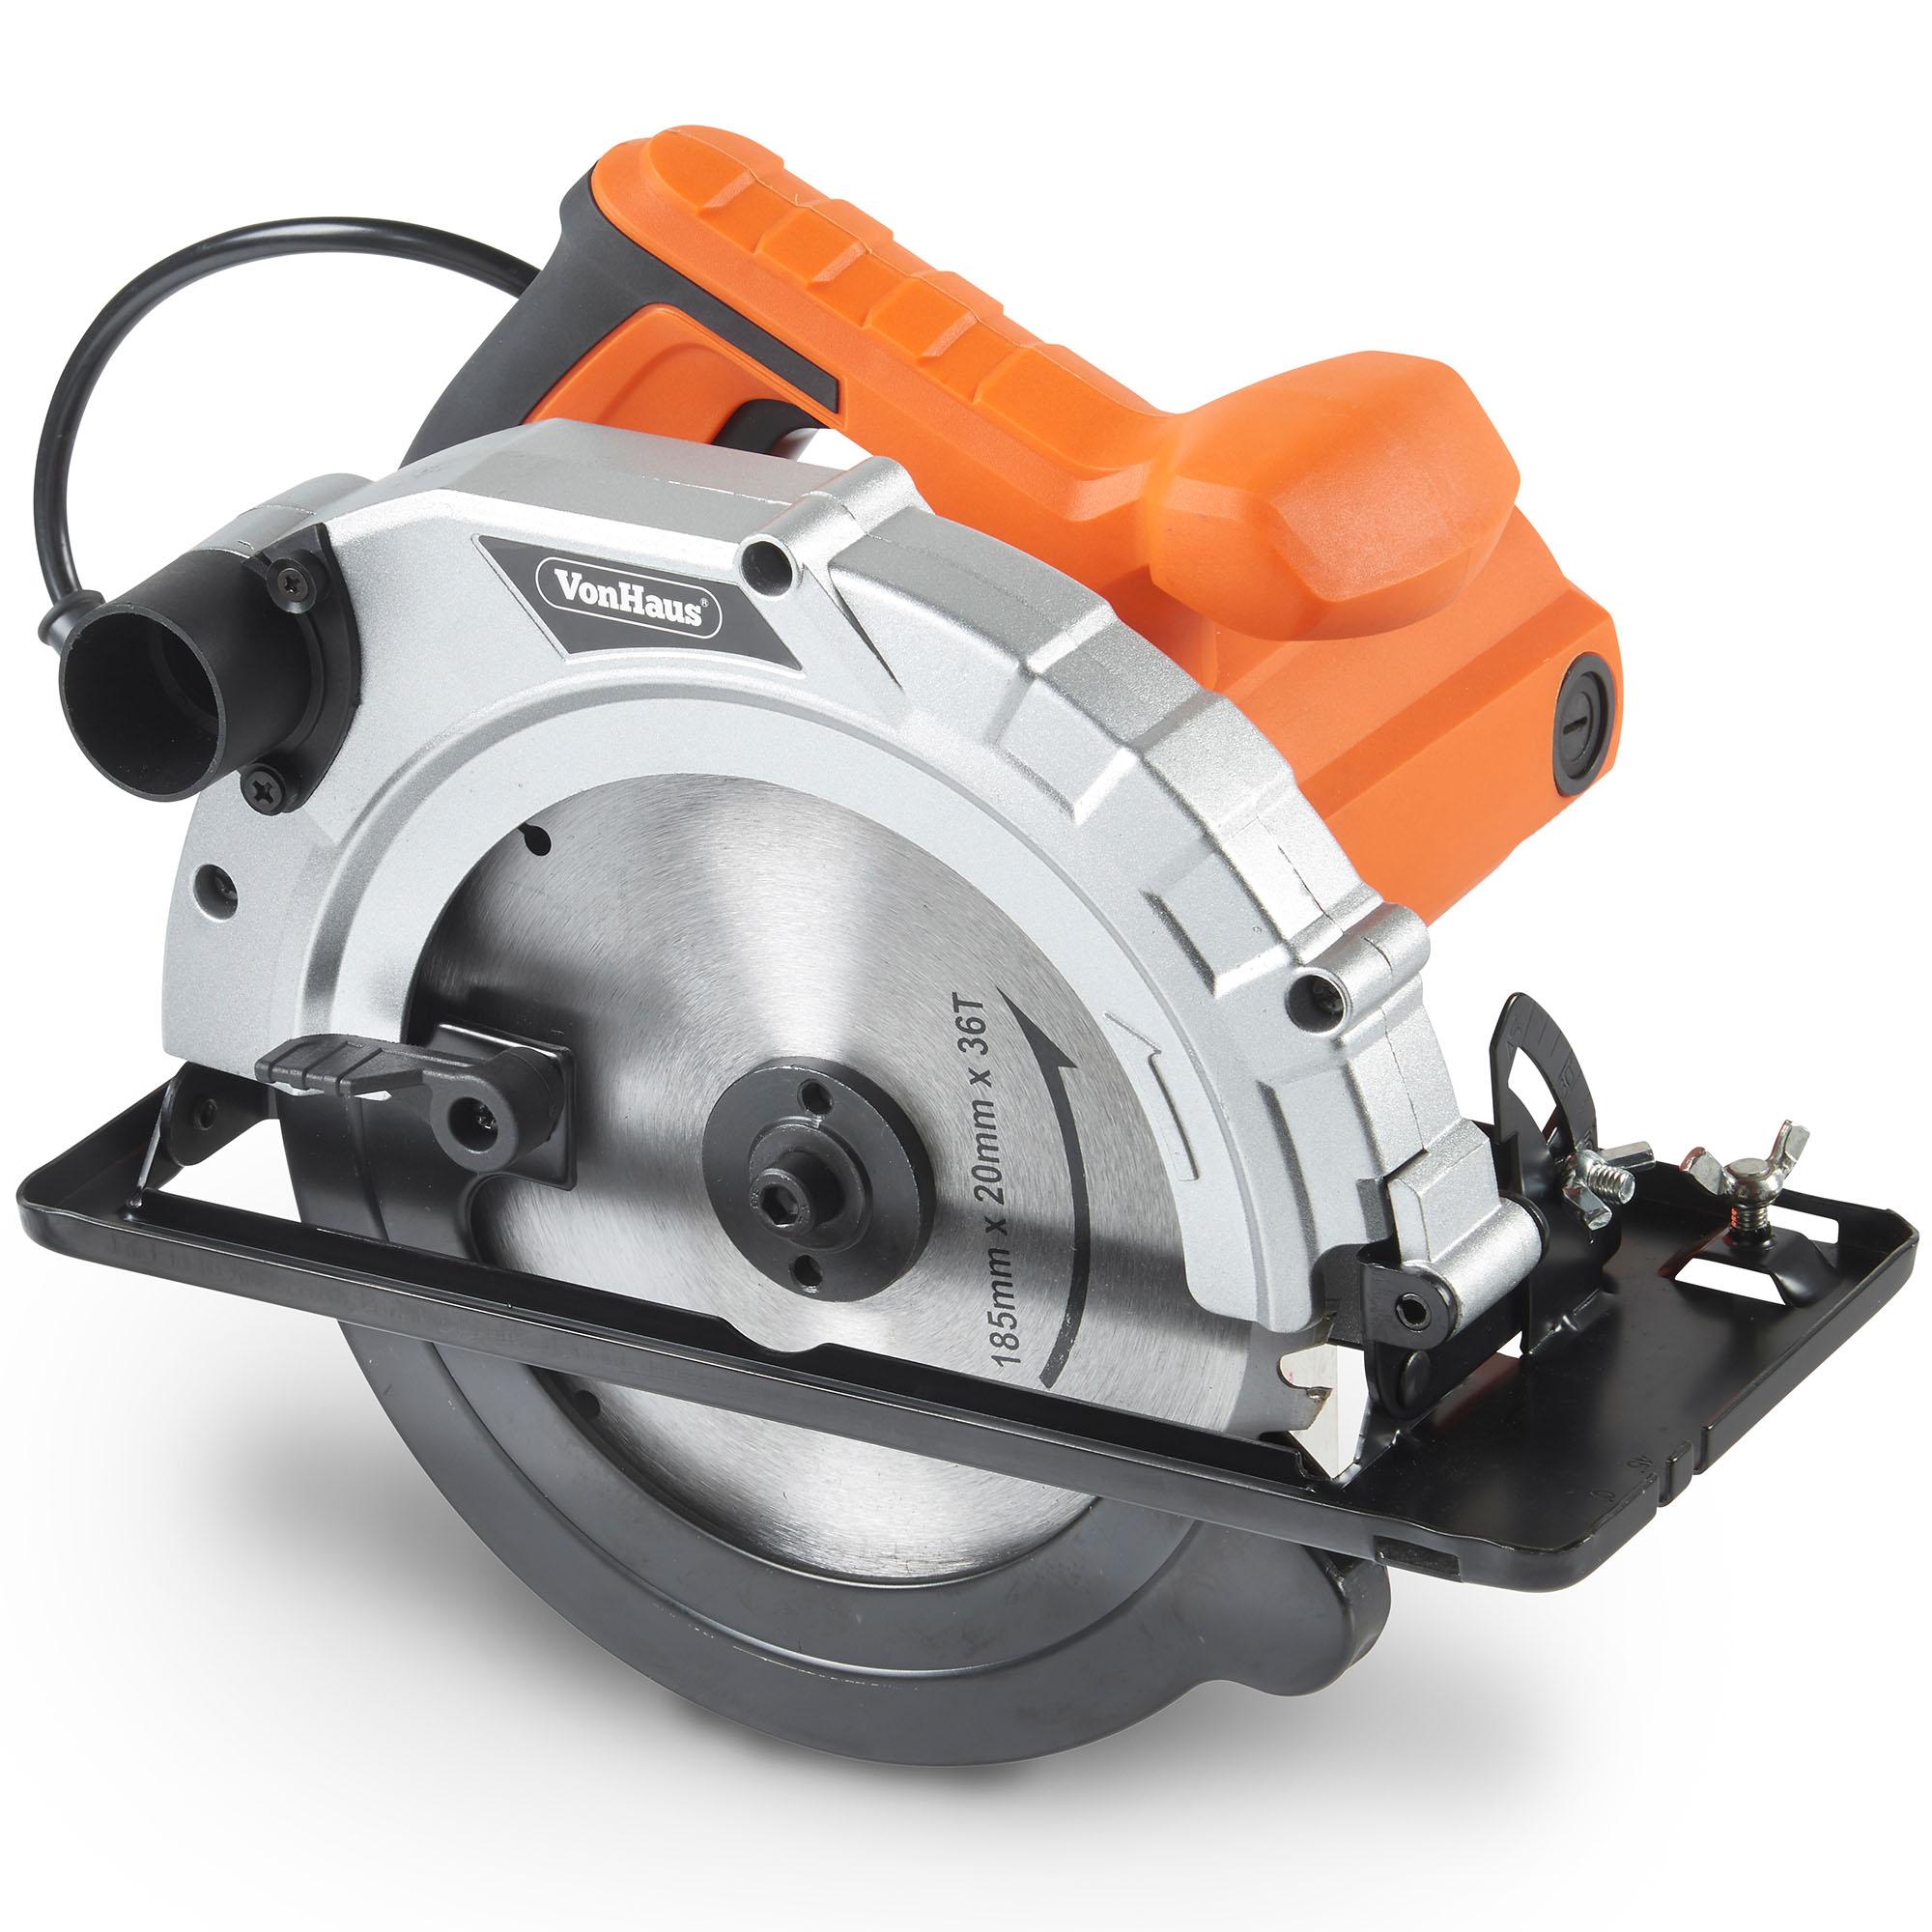 1200W VonHaus 185mm Circular Saw with 2 year warranty £30.09 Delivered @ VonHaus / eBay